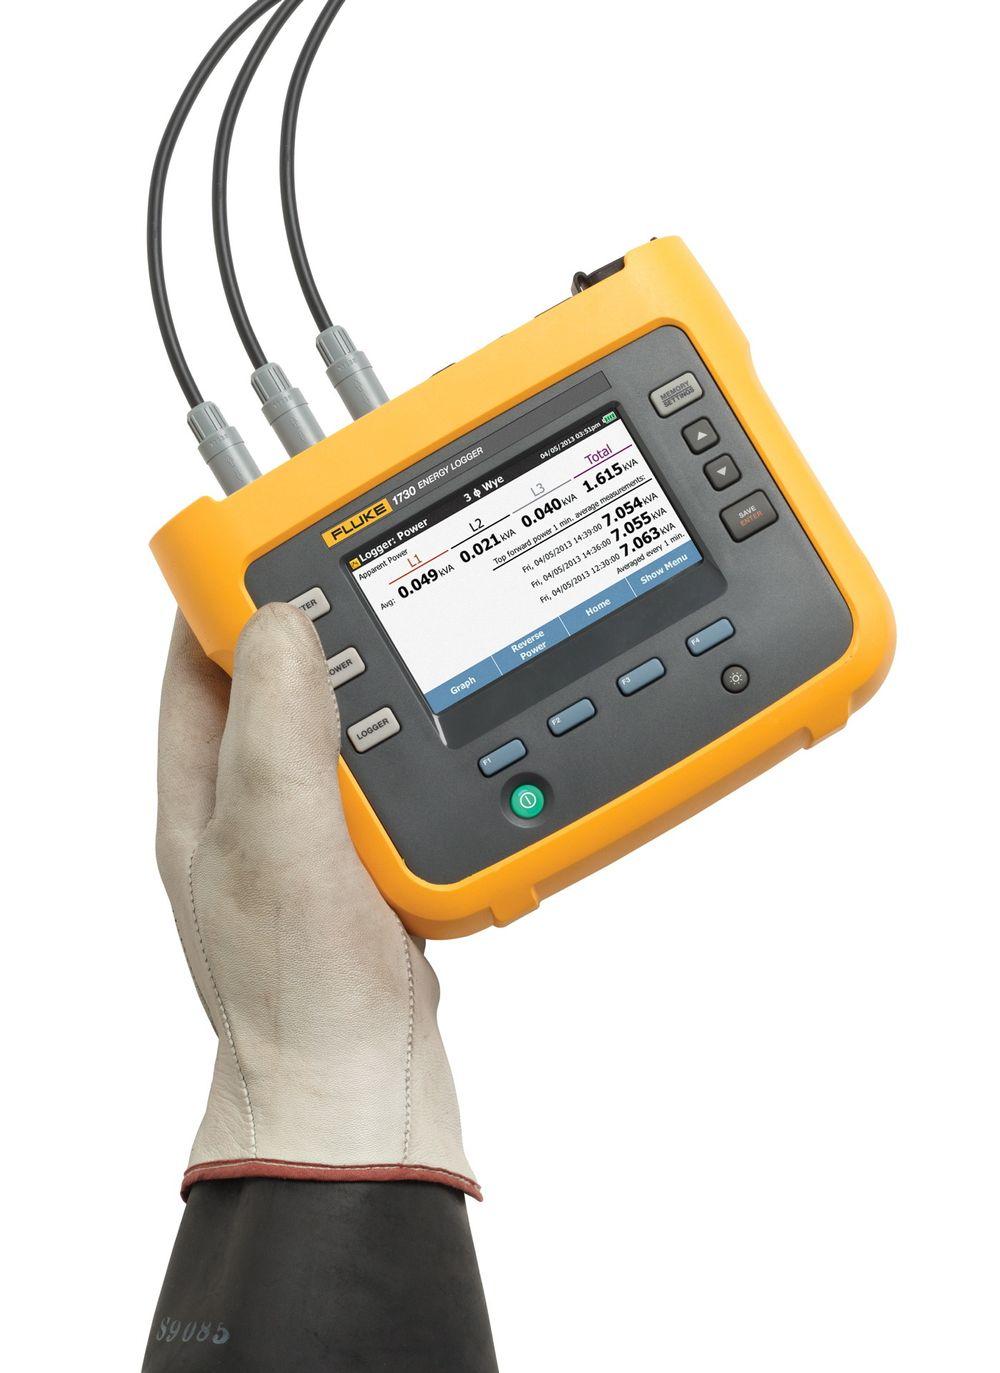 Trefase energilogger som skal ha idiotsikkert oppsett og være fullspekket med funksjoner for å identifisere energitap.